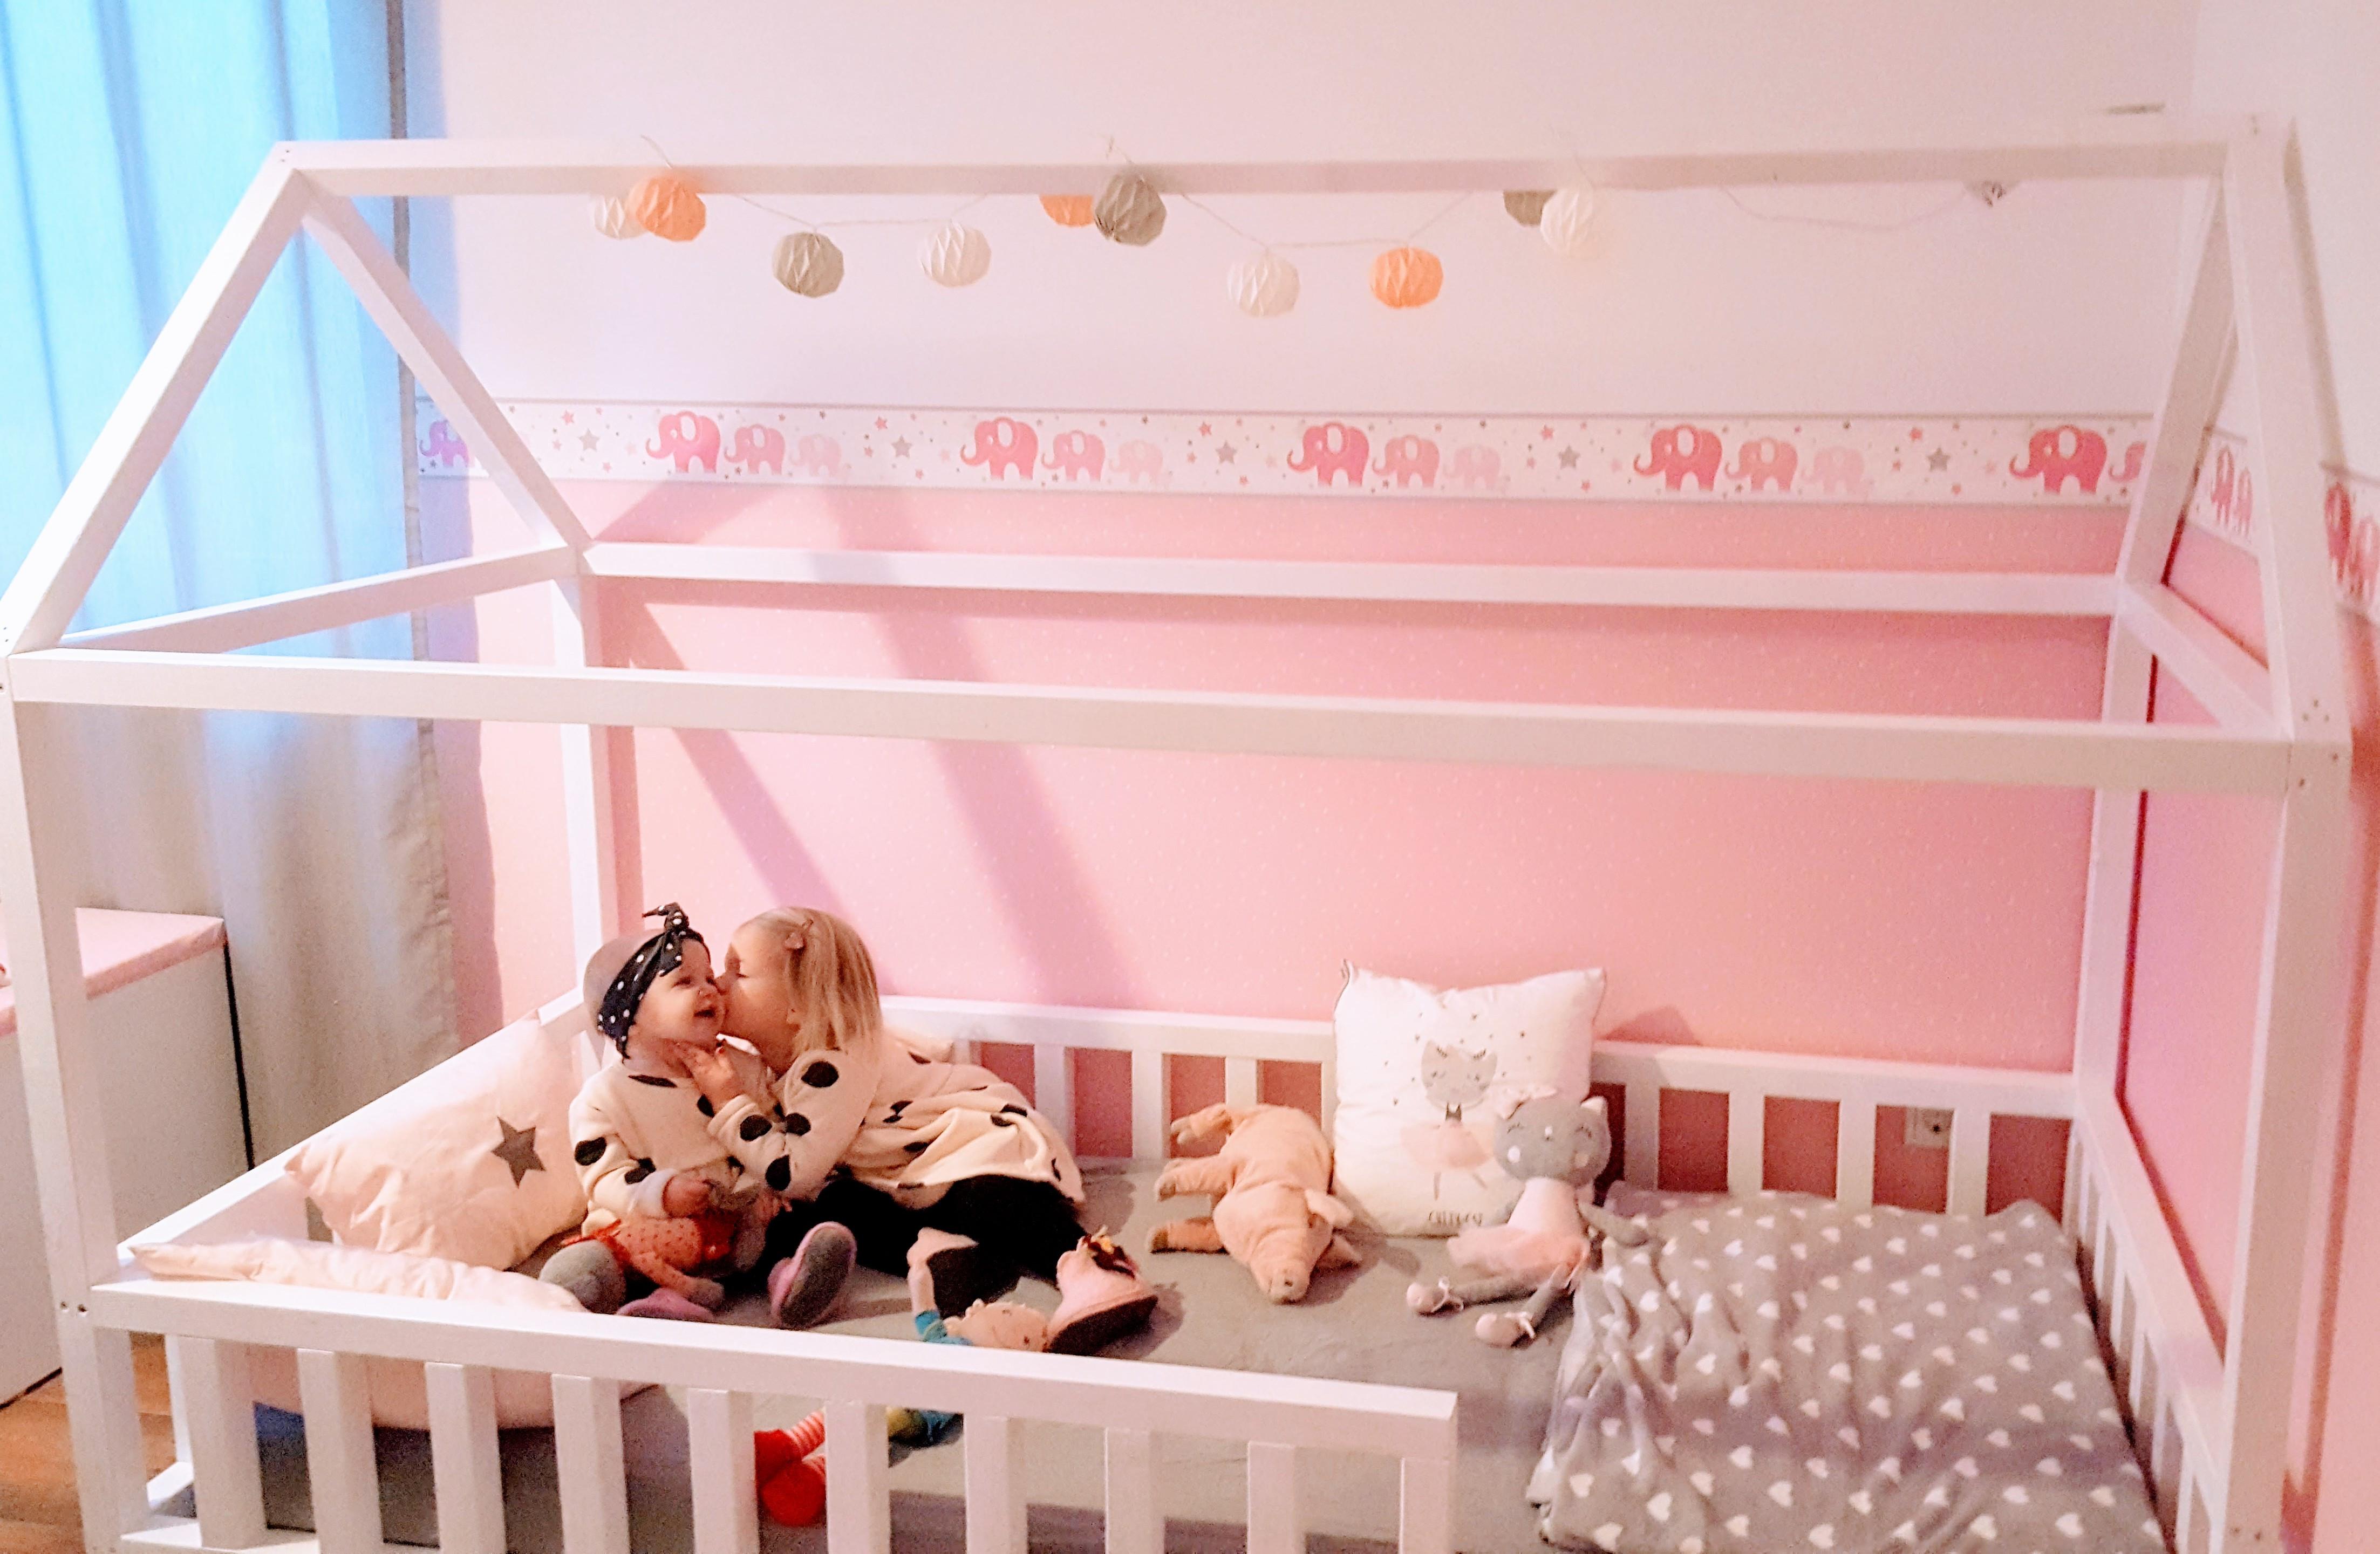 Diy Für Kinder  DIY Hausbett für Kinder – gabelschereblog